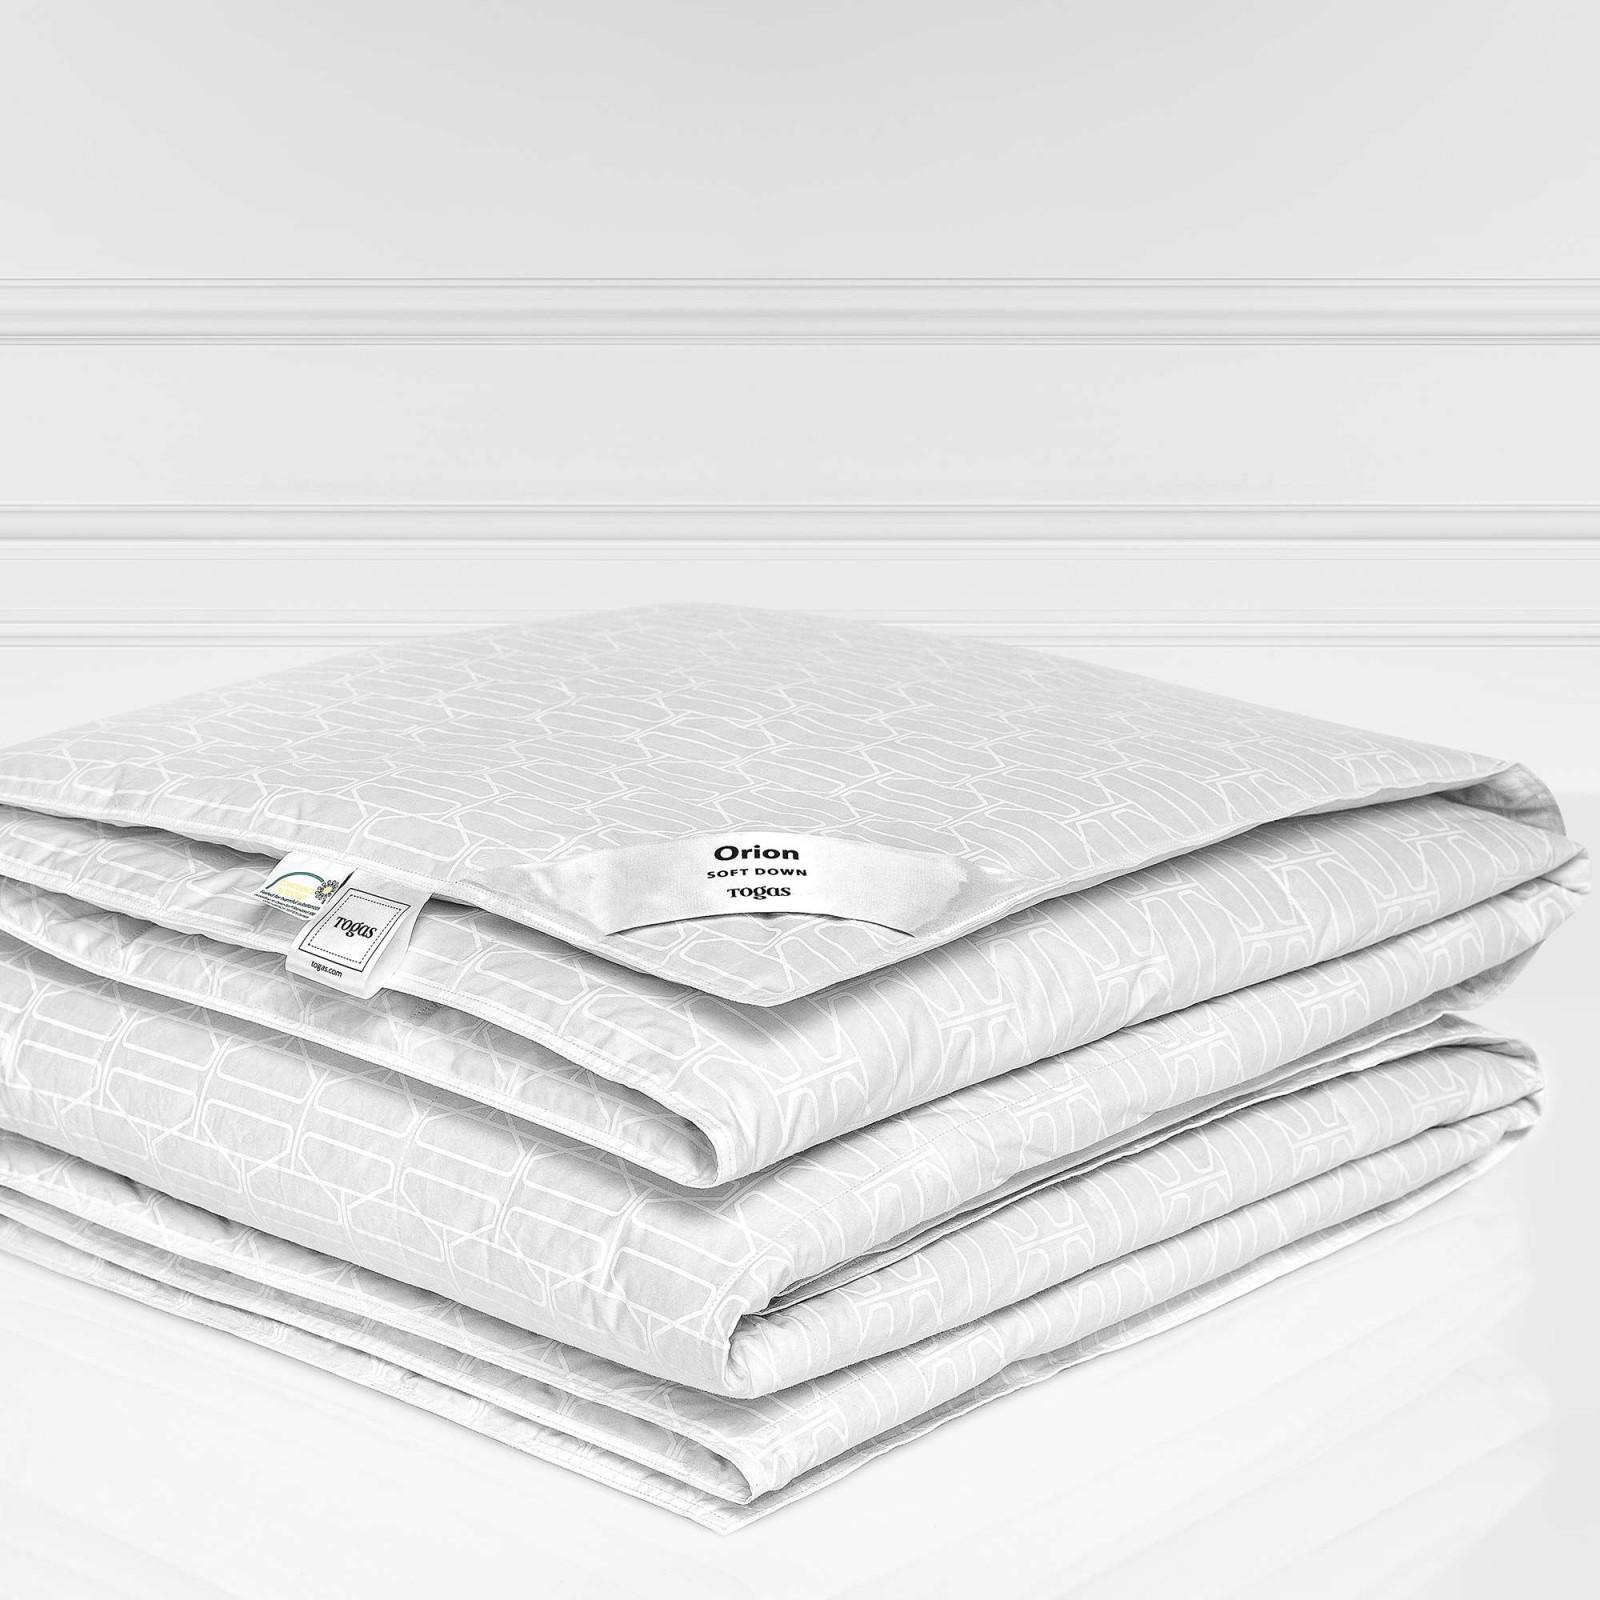 Одеяла Togas Одеяло Орион Всесезонное (220х240 см) одеяла togas одеяло гелиос 220х240 см